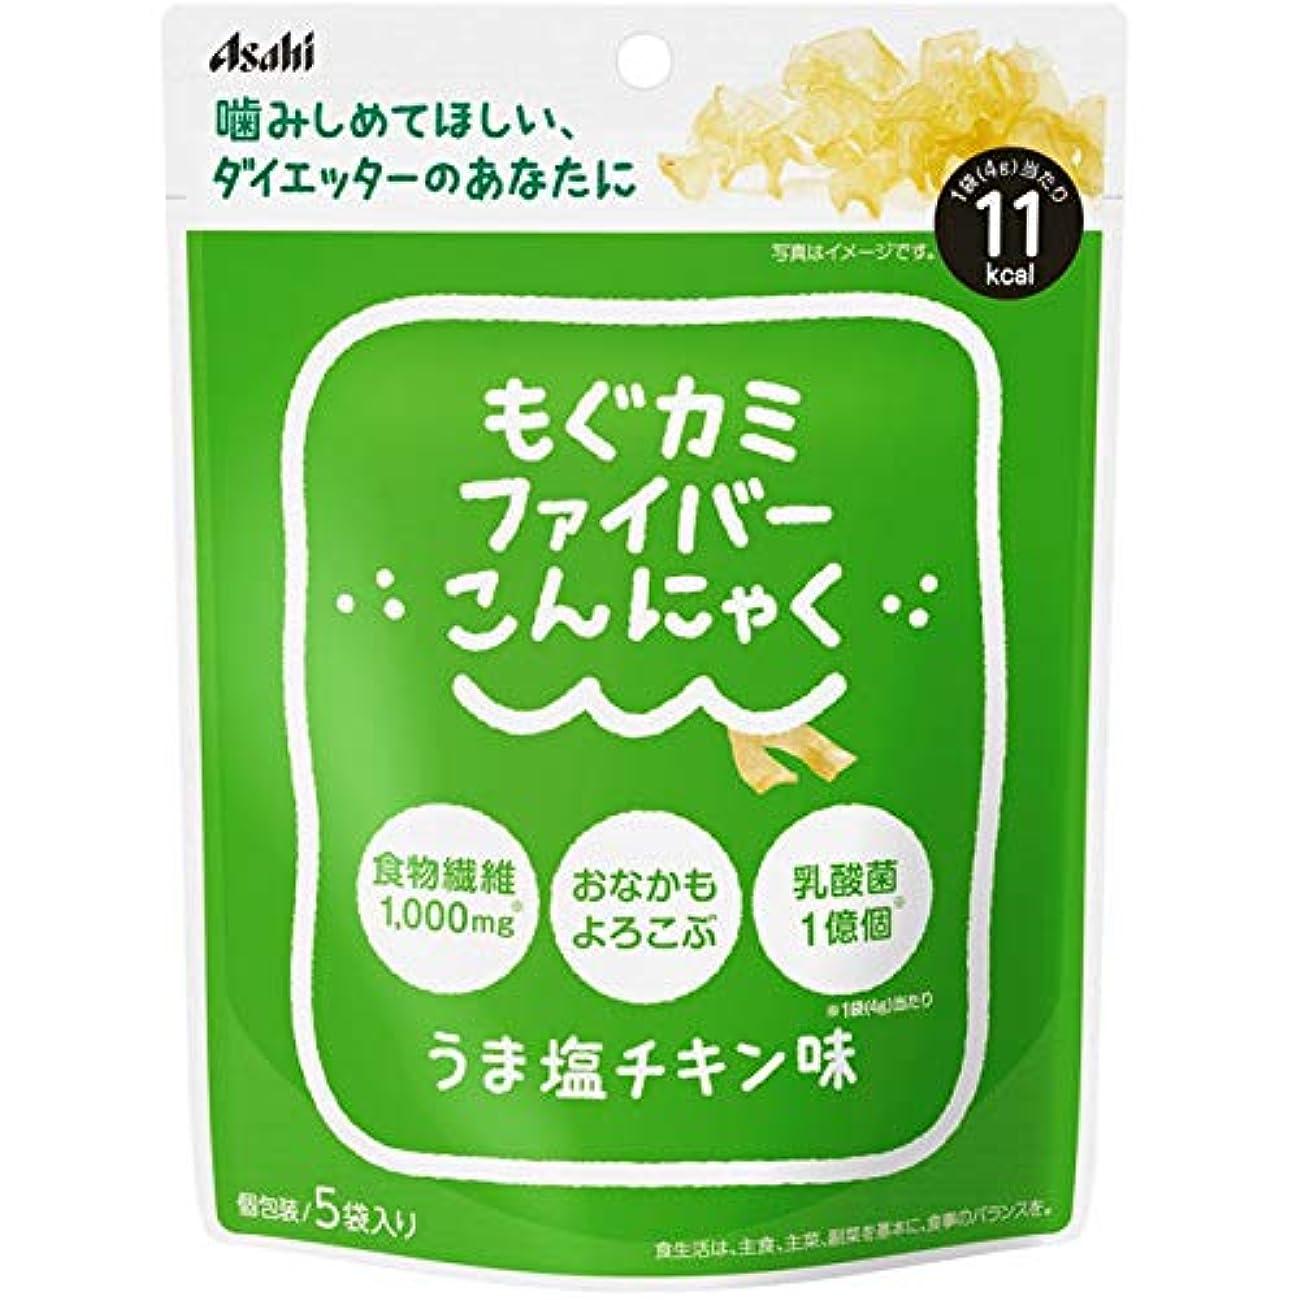 類人猿欲求不満意味リセットボディ もぐカミファイバーこんにゃく うま塩チキン味 4g×5袋